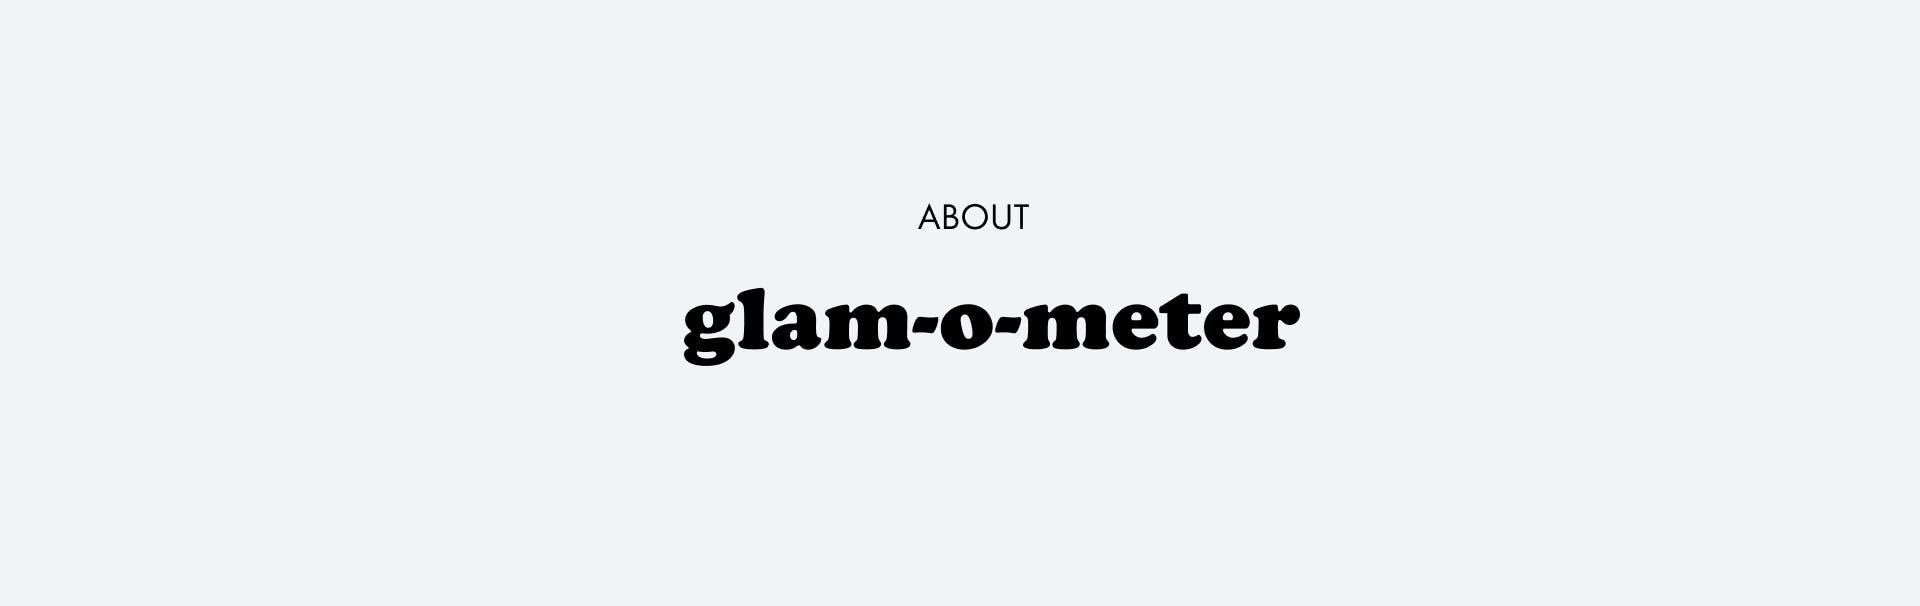 About glam-o-meter | Seidensticker